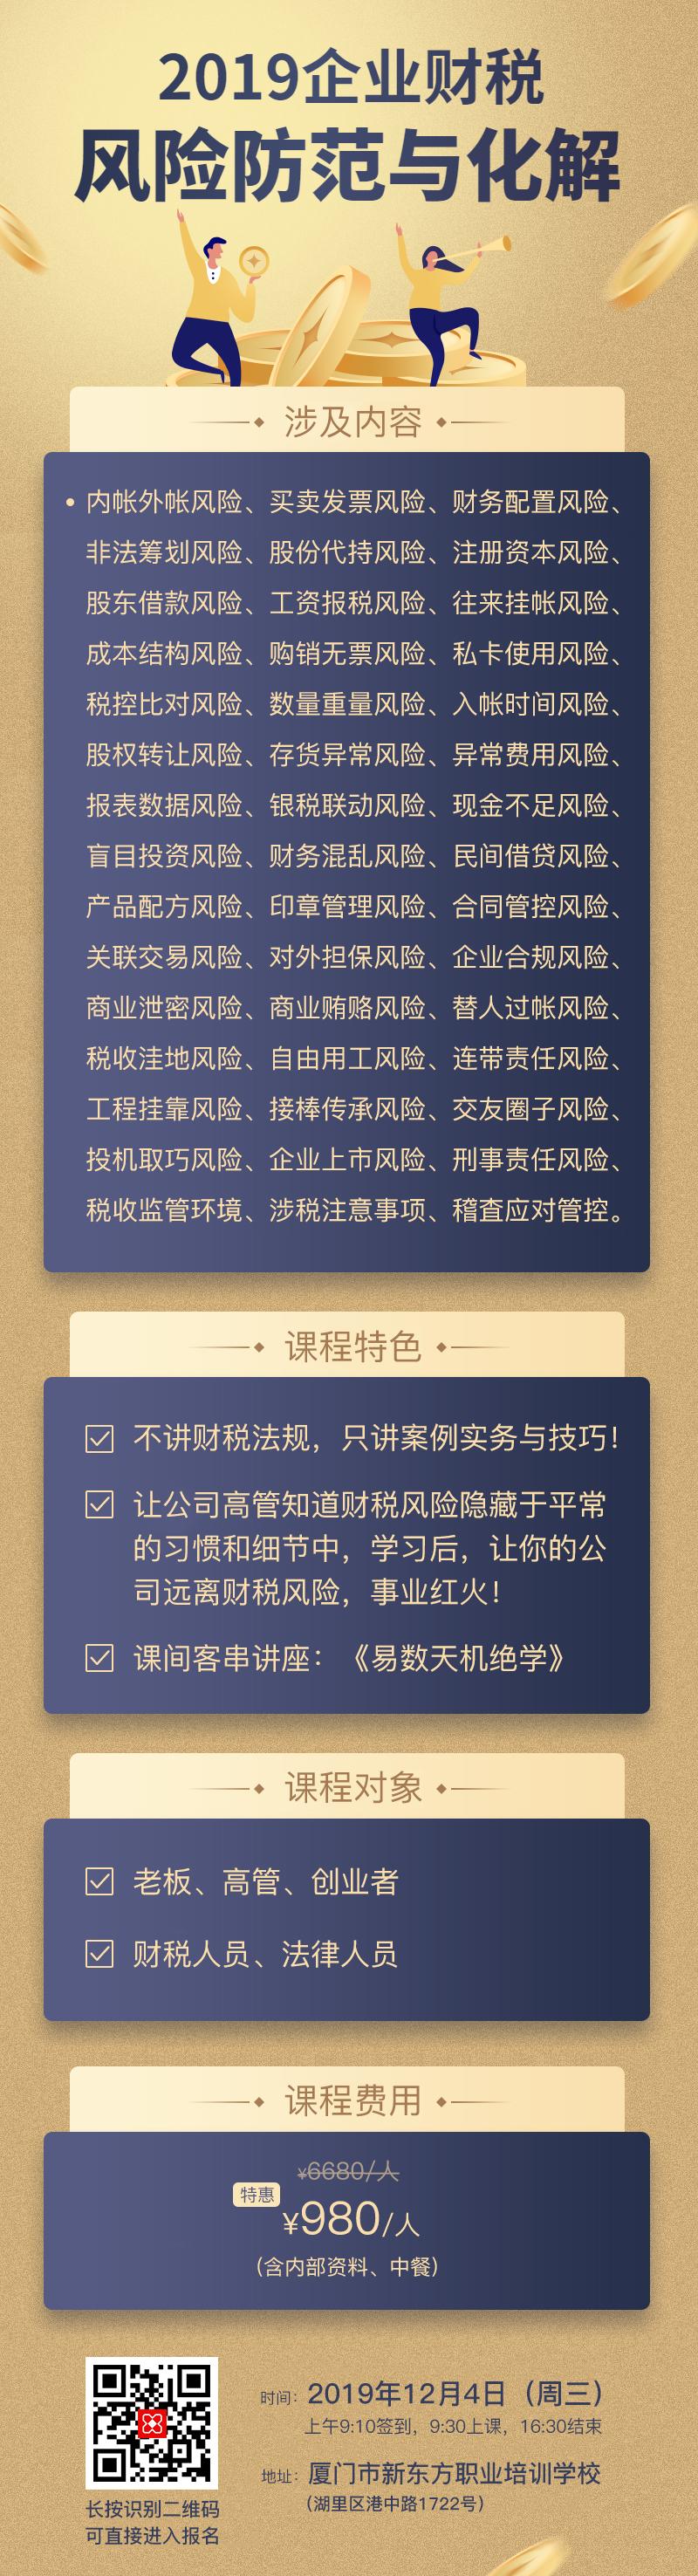 财税wan